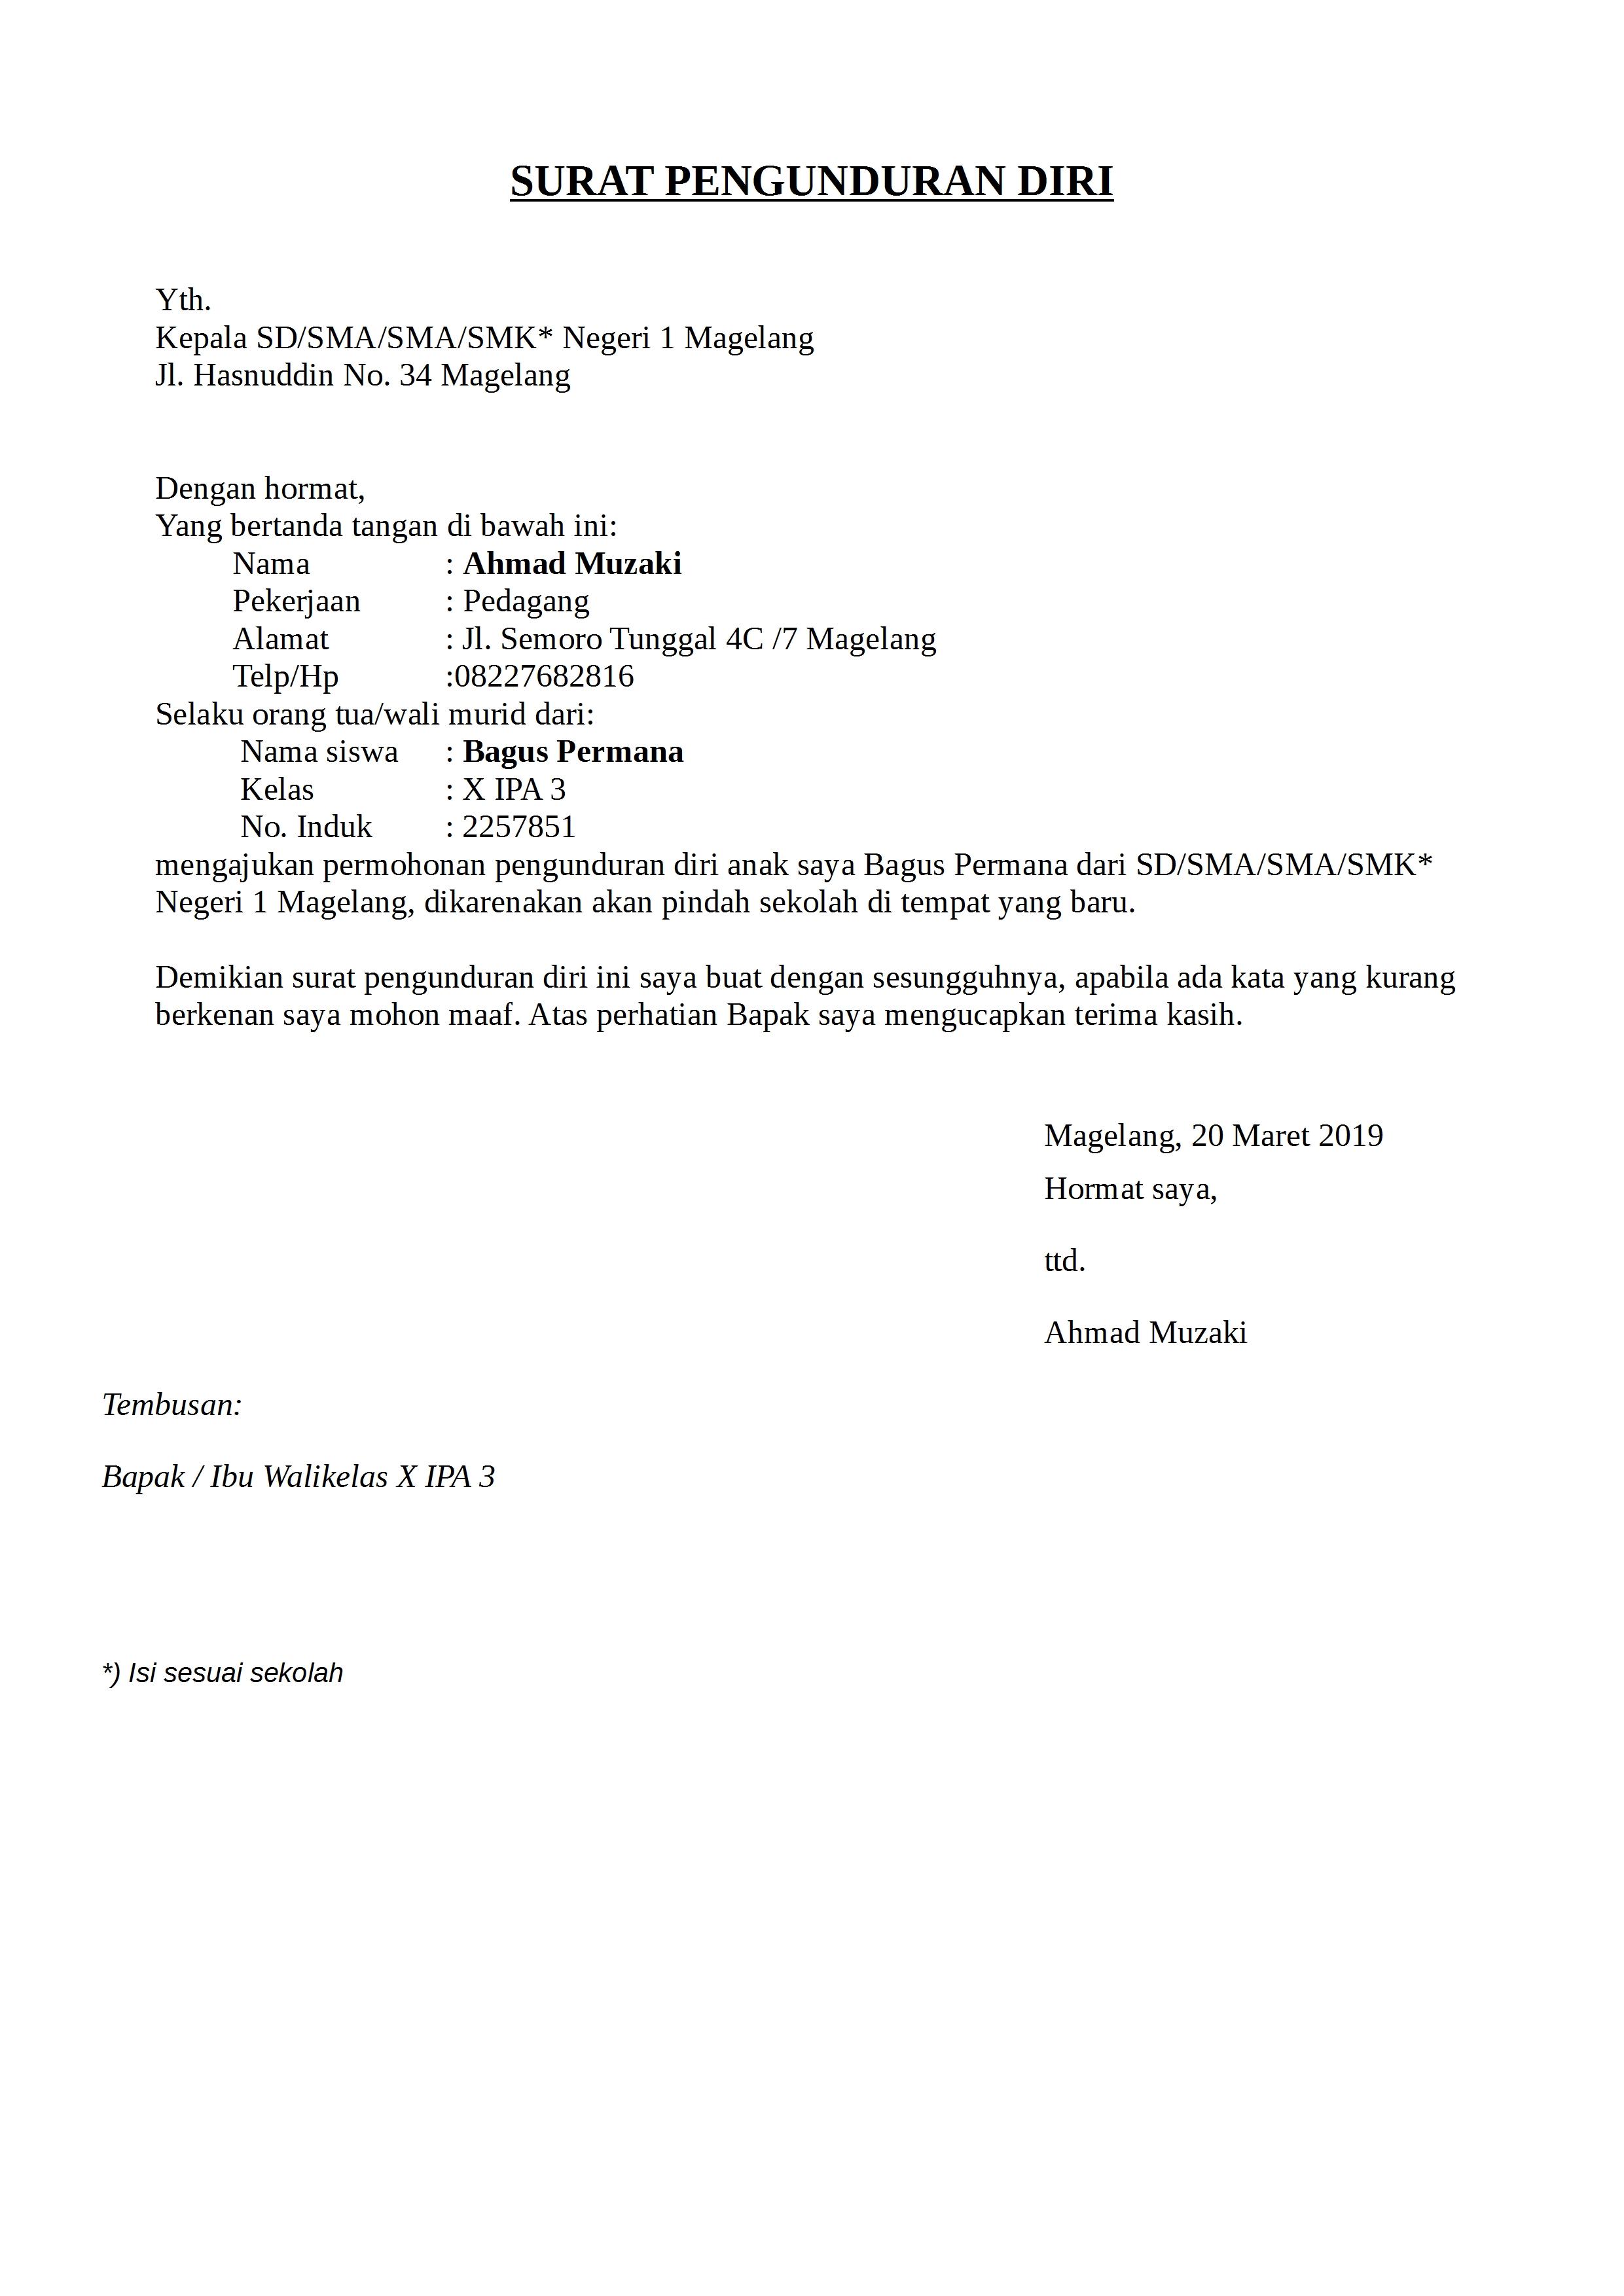 Contoh Surat Pengunduran Diri Dari Sekolah Yang Resmi Dan Benar